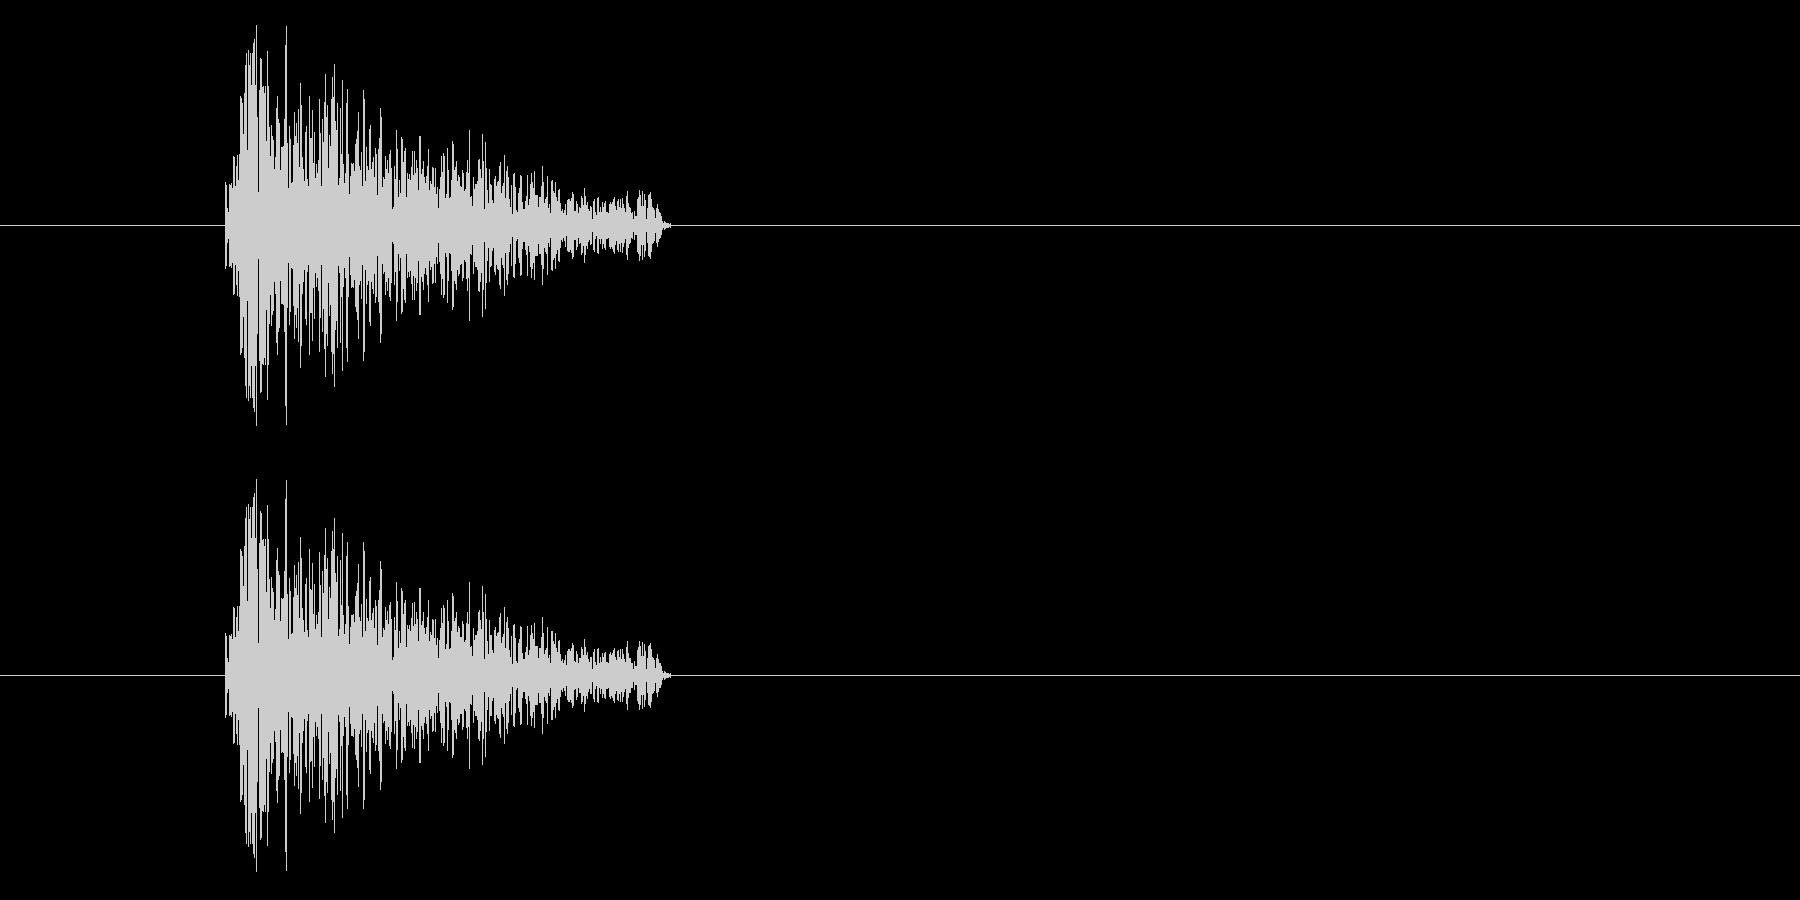 ジャン!レトロなオケヒ_音程低めの未再生の波形